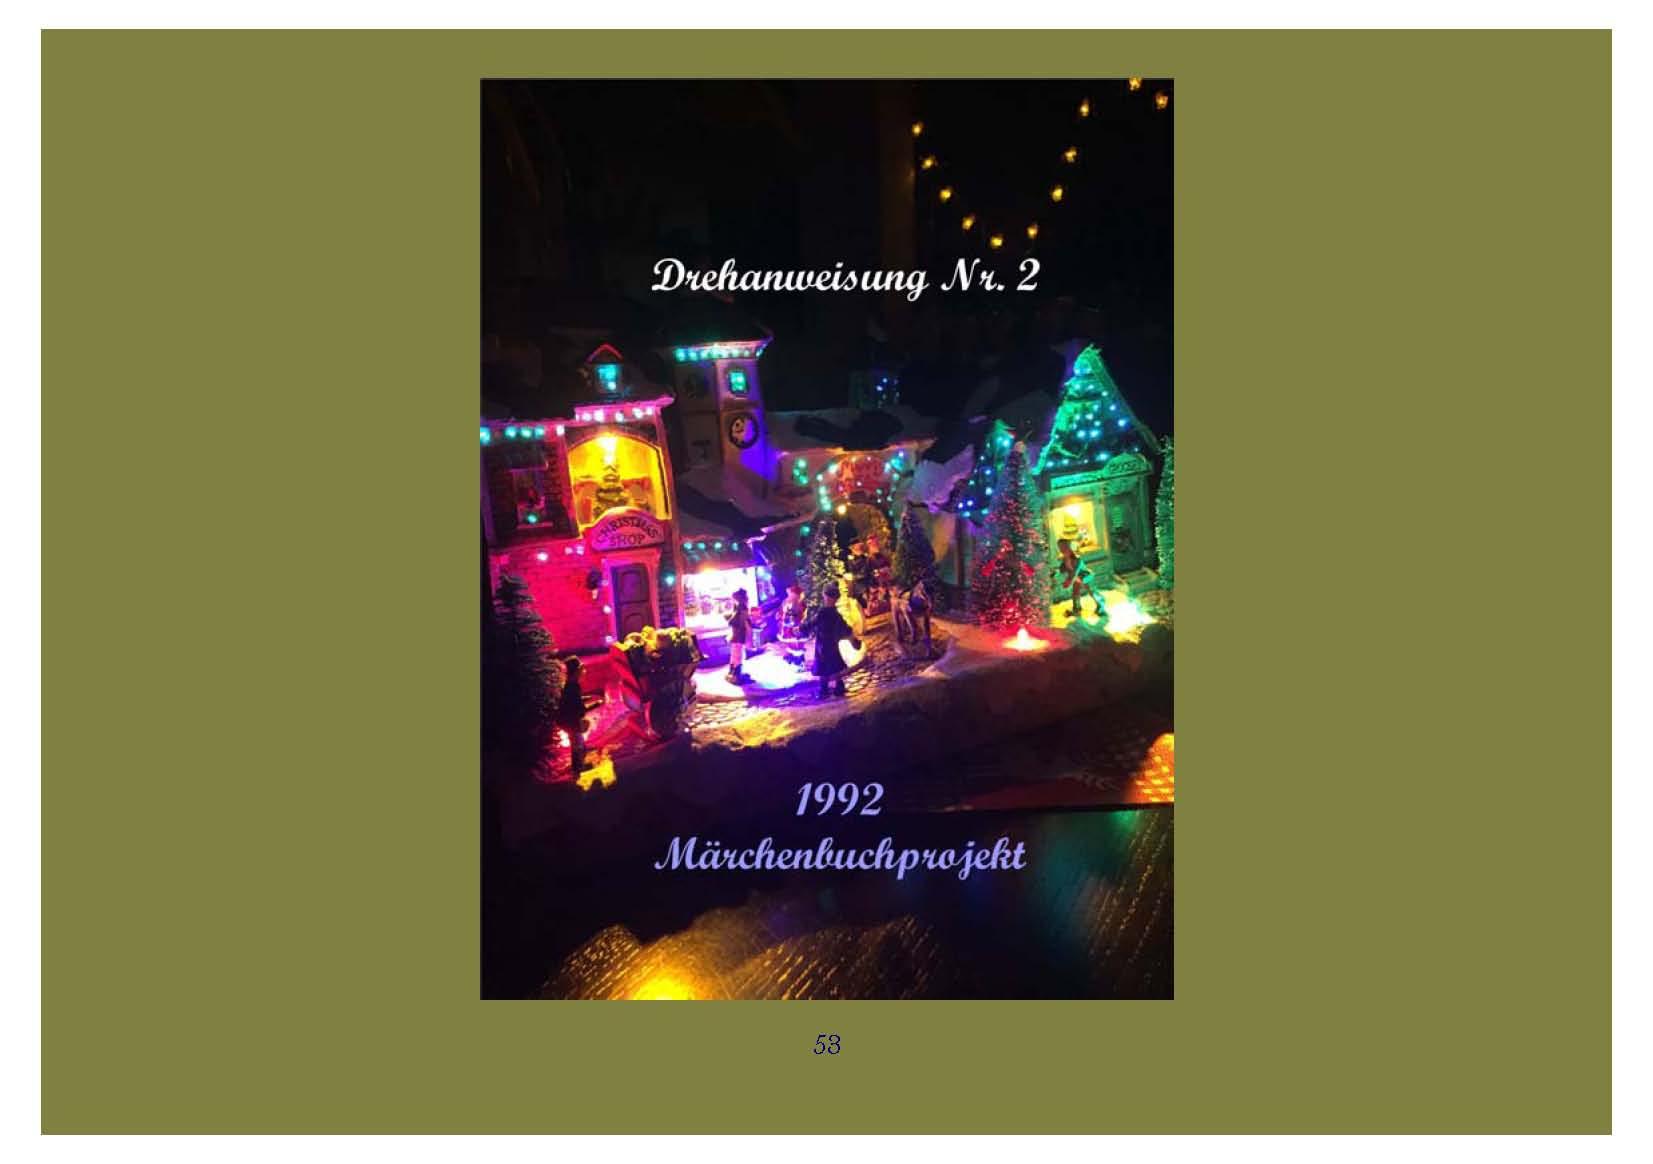 ™Gigabuch-Bibliothek/iAutobiographie Band 9/Bild 0559